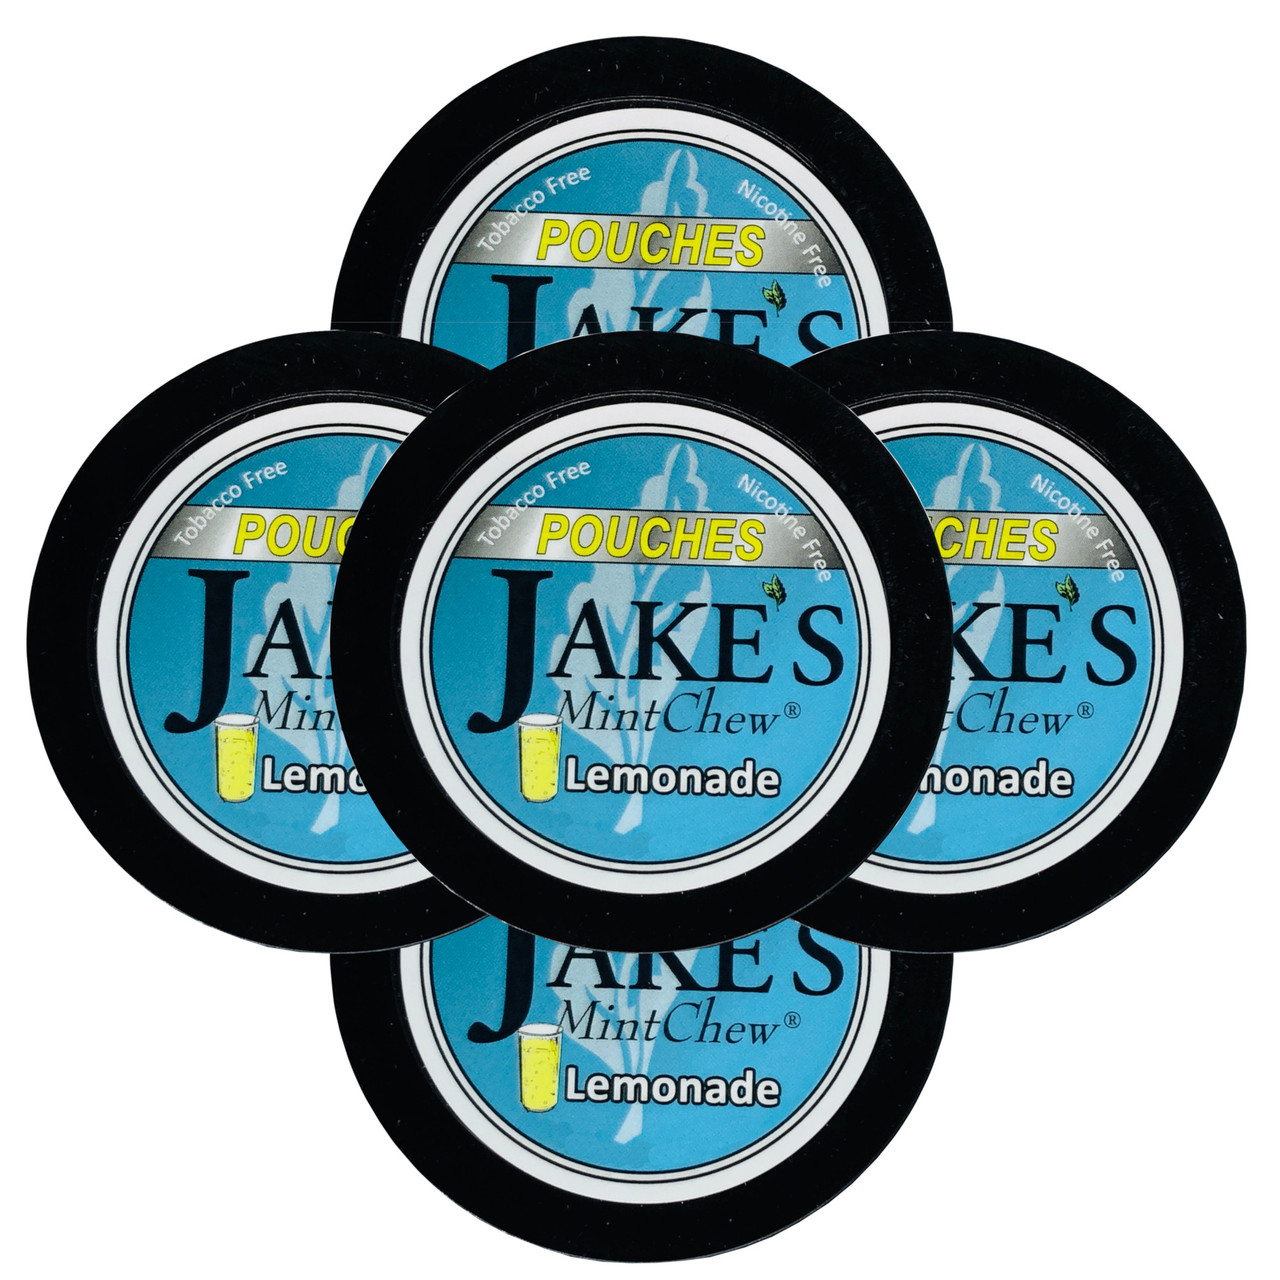 Jake's Mint Chew Pouches Lemonade 5 Cans